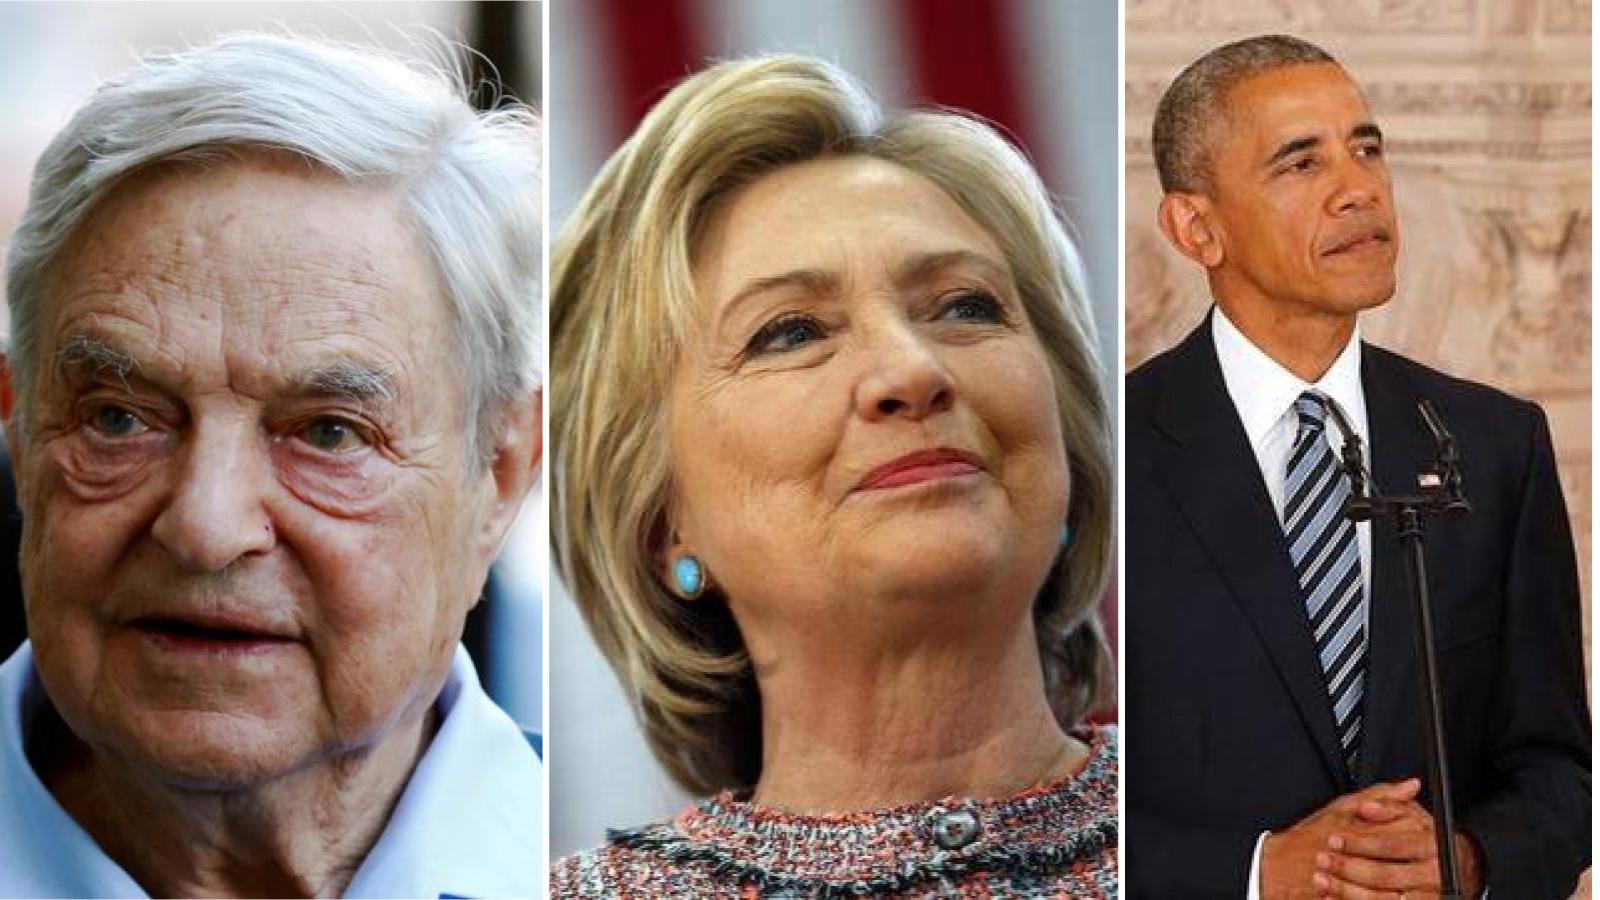 Envían explosivos a casas de Soros, Clinton y Obama